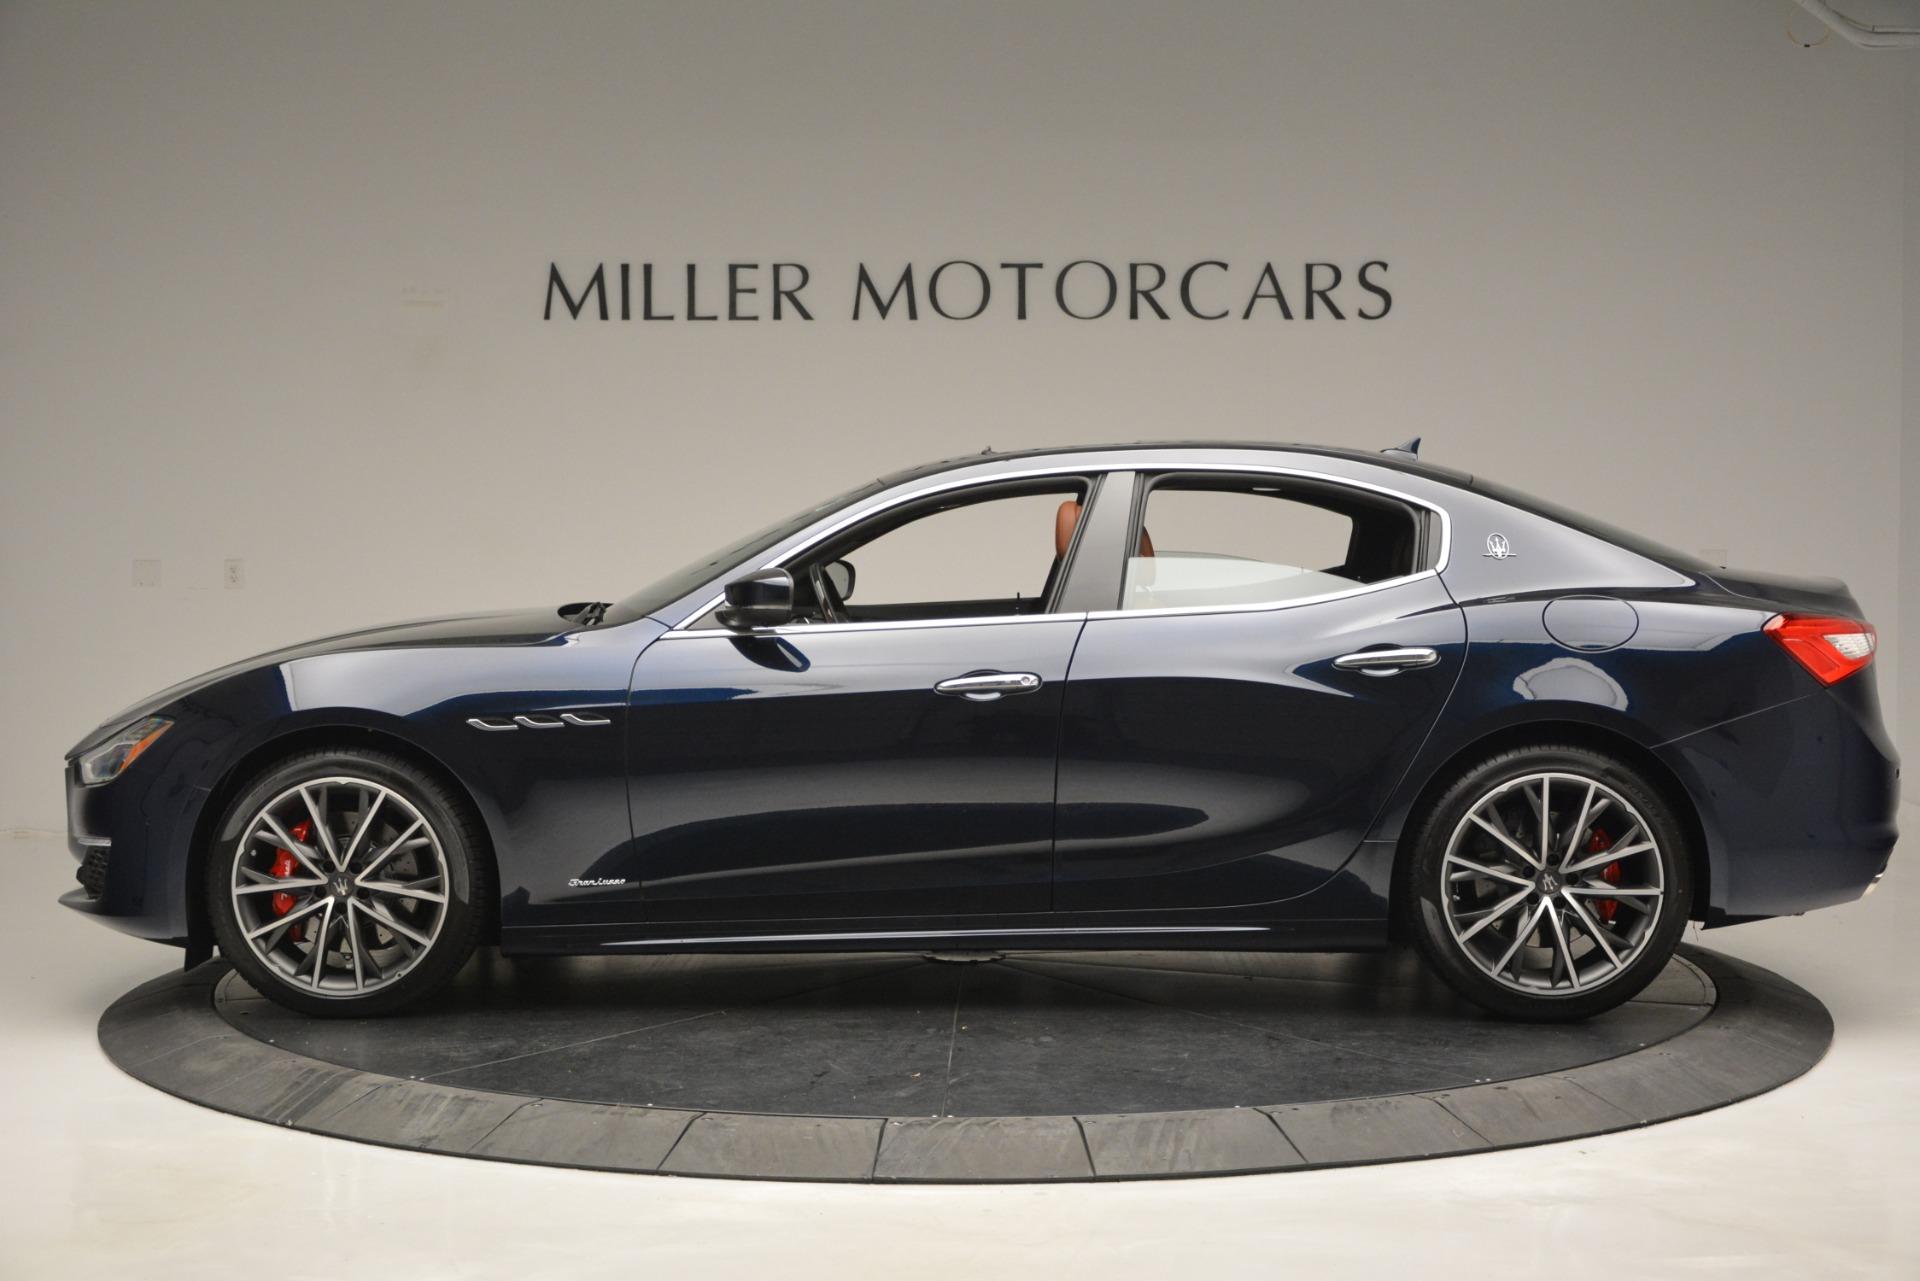 New 2019 Maserati Ghibli S Q4 GranLusso For Sale In Greenwich, CT 2882_p4